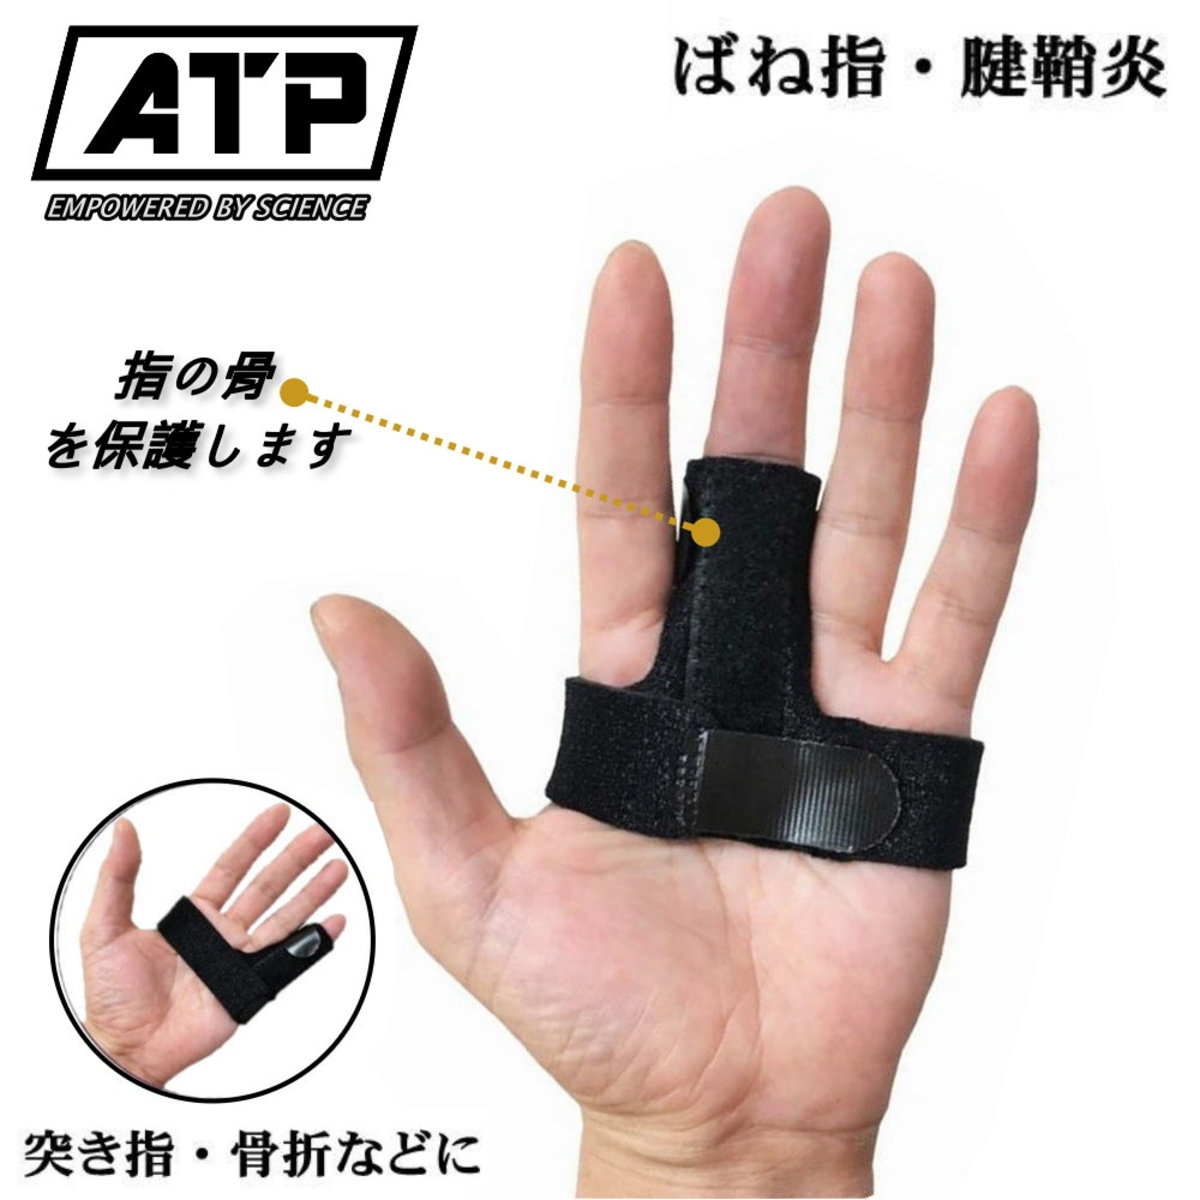 【手指要緊】 ATP Phalanx Stablizing Belt 手指關節保護帶